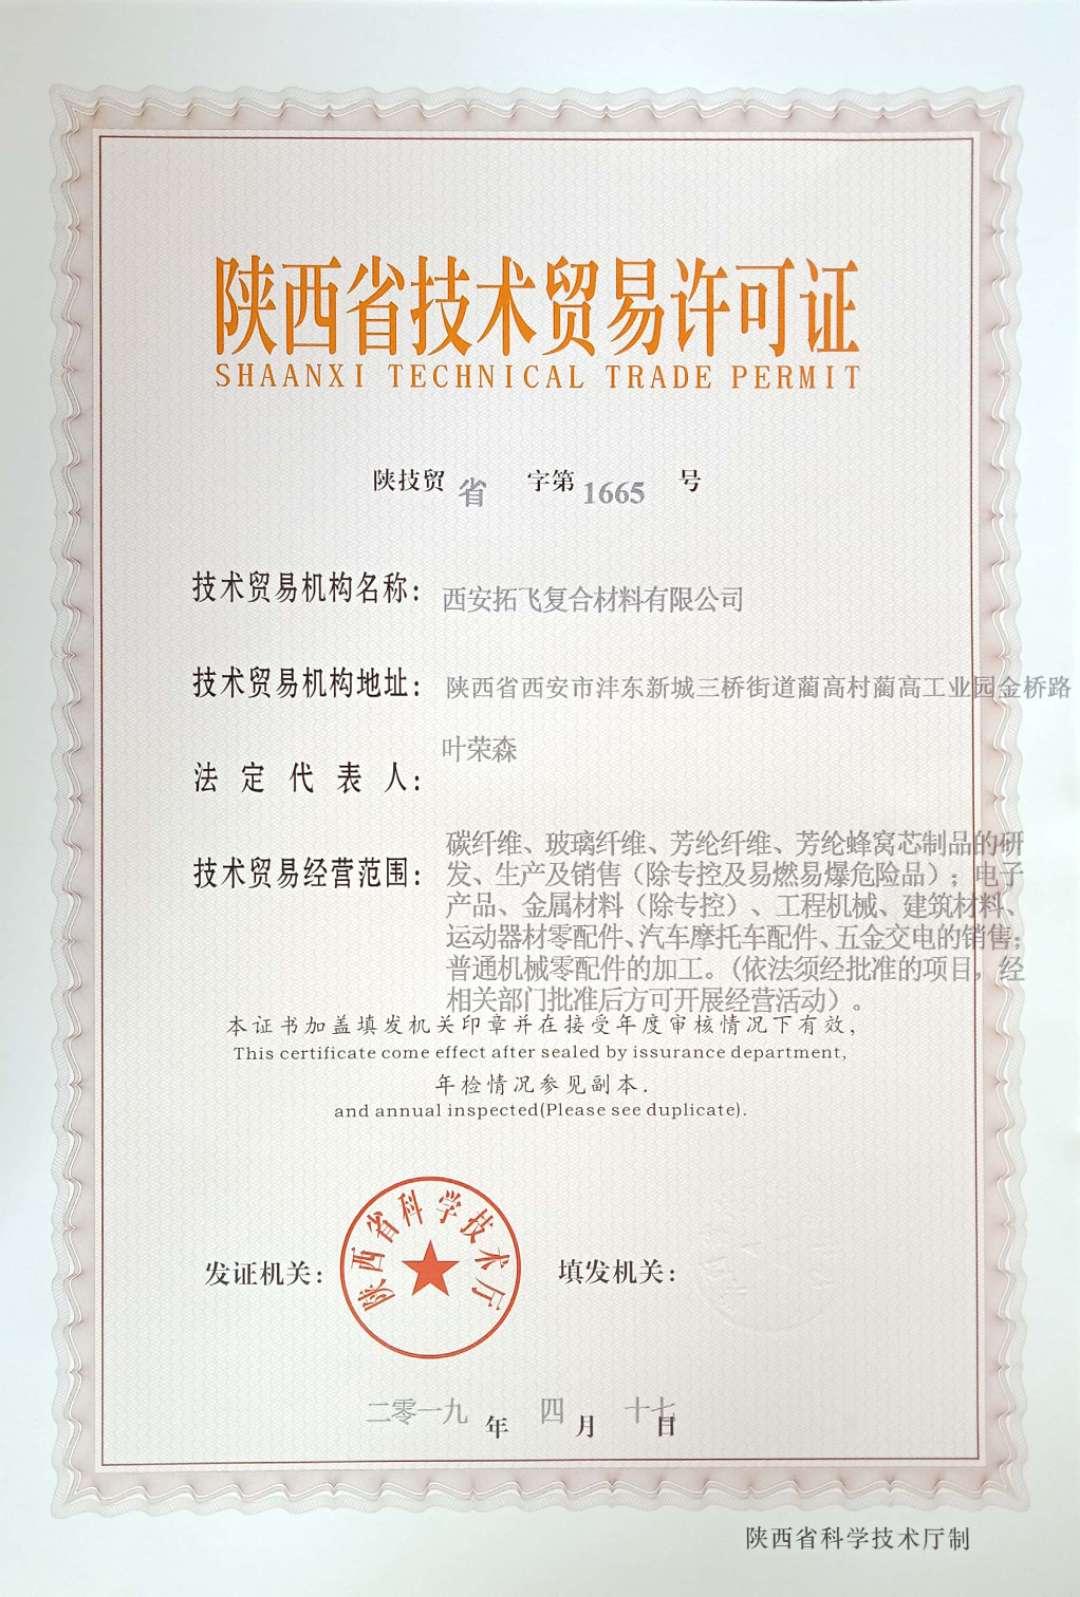 陕西省技术贸易许可证